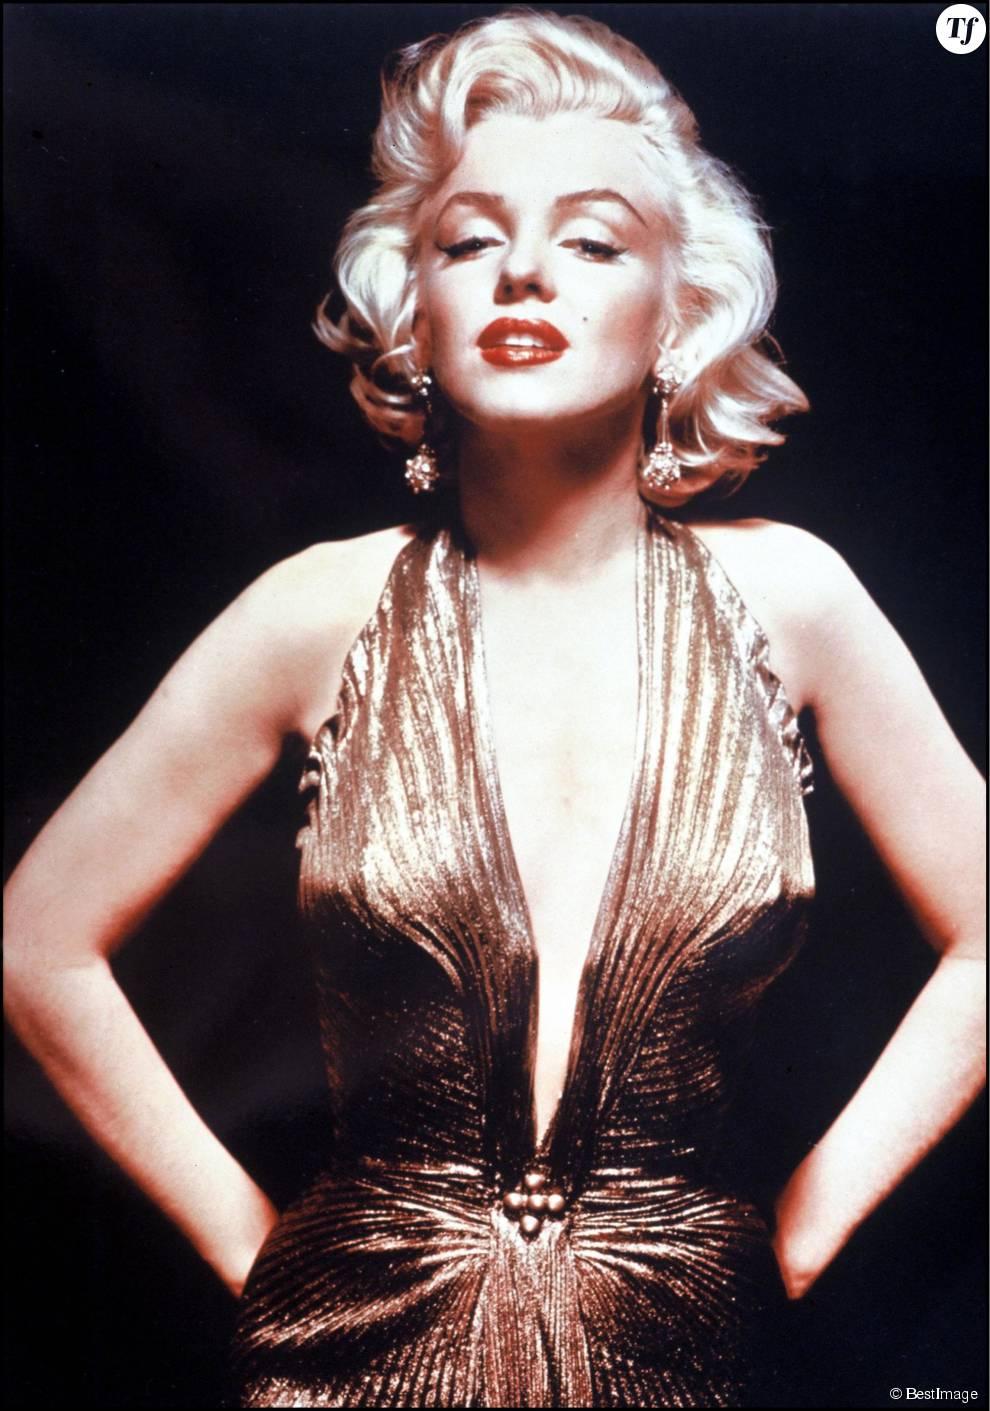 La coiffure à boucles épaisses que Marilyn Monrore portait dans les années 50 est toujours aussi tendance en 2015.